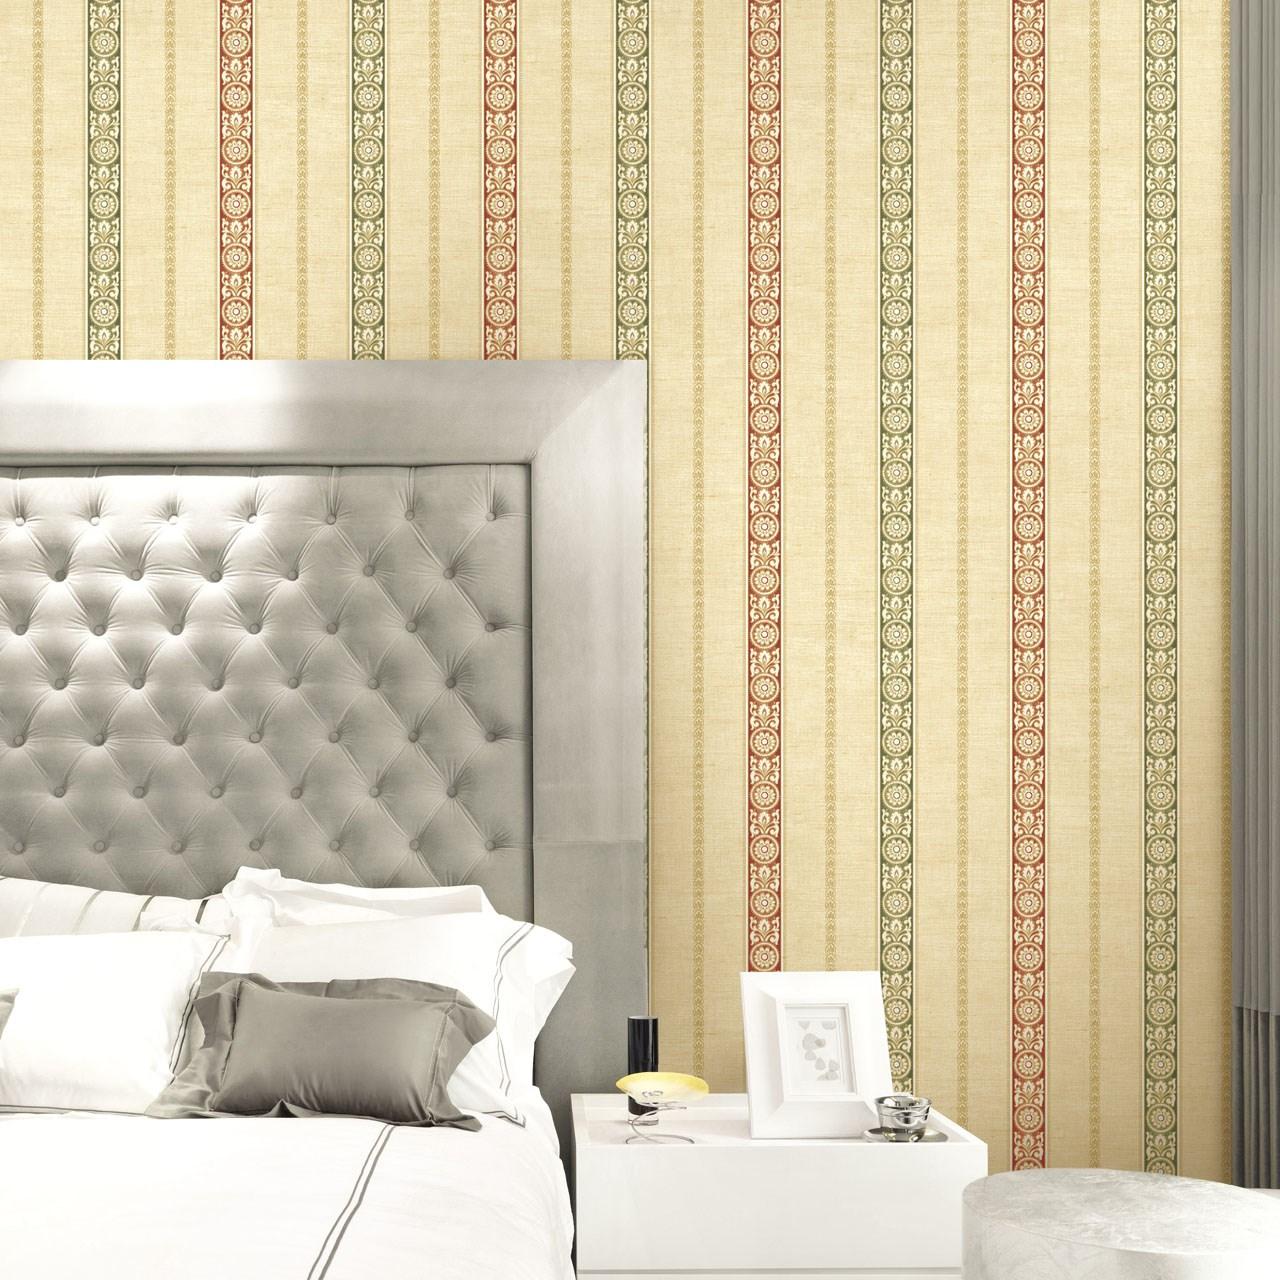 کاغذ دیواری والکویست آلبوم کاسپیا مدل IM70501